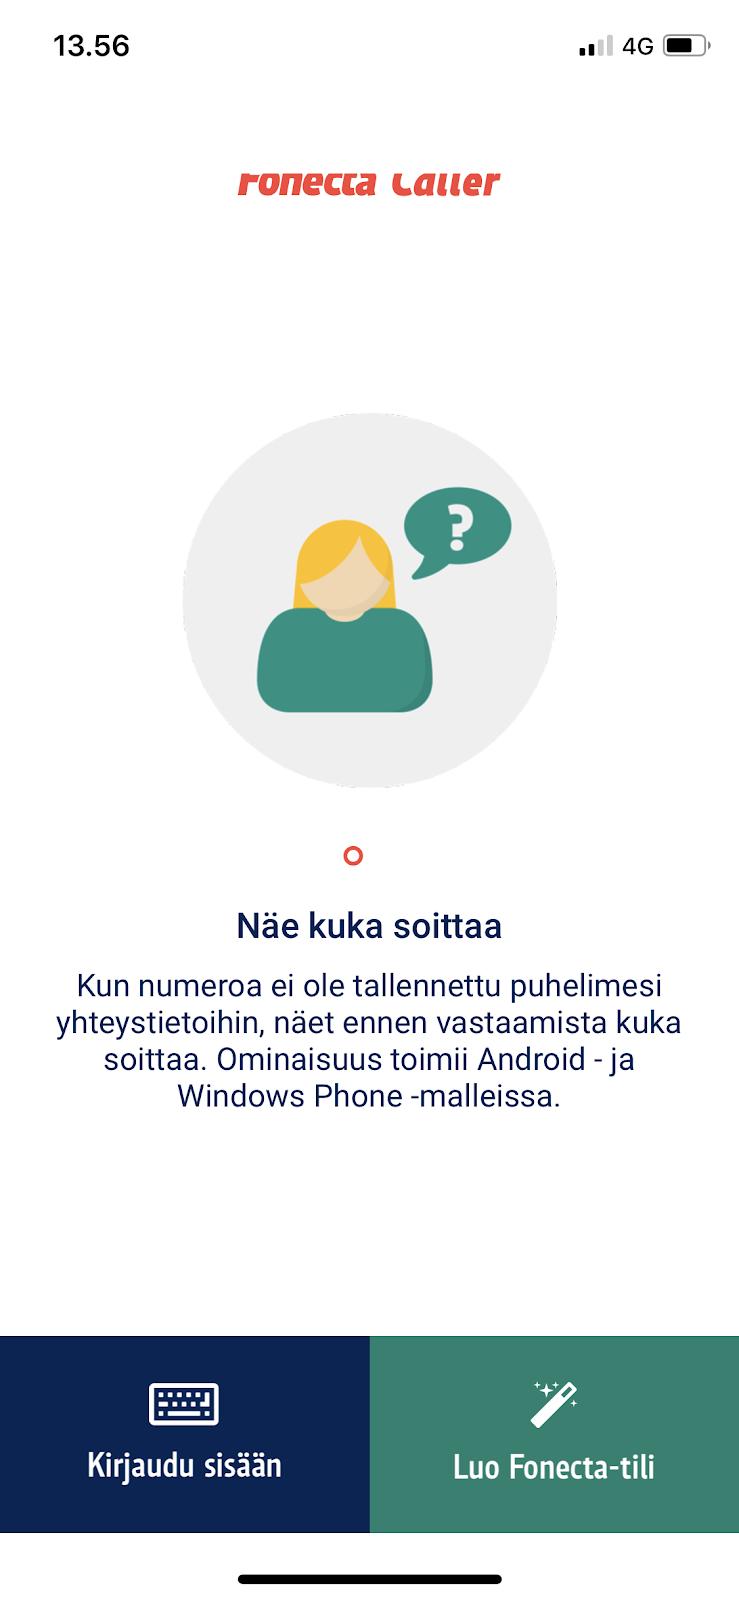 Puhelimeen Ei Saa Yhteyttä Mutta Sillä Voi Soittaa